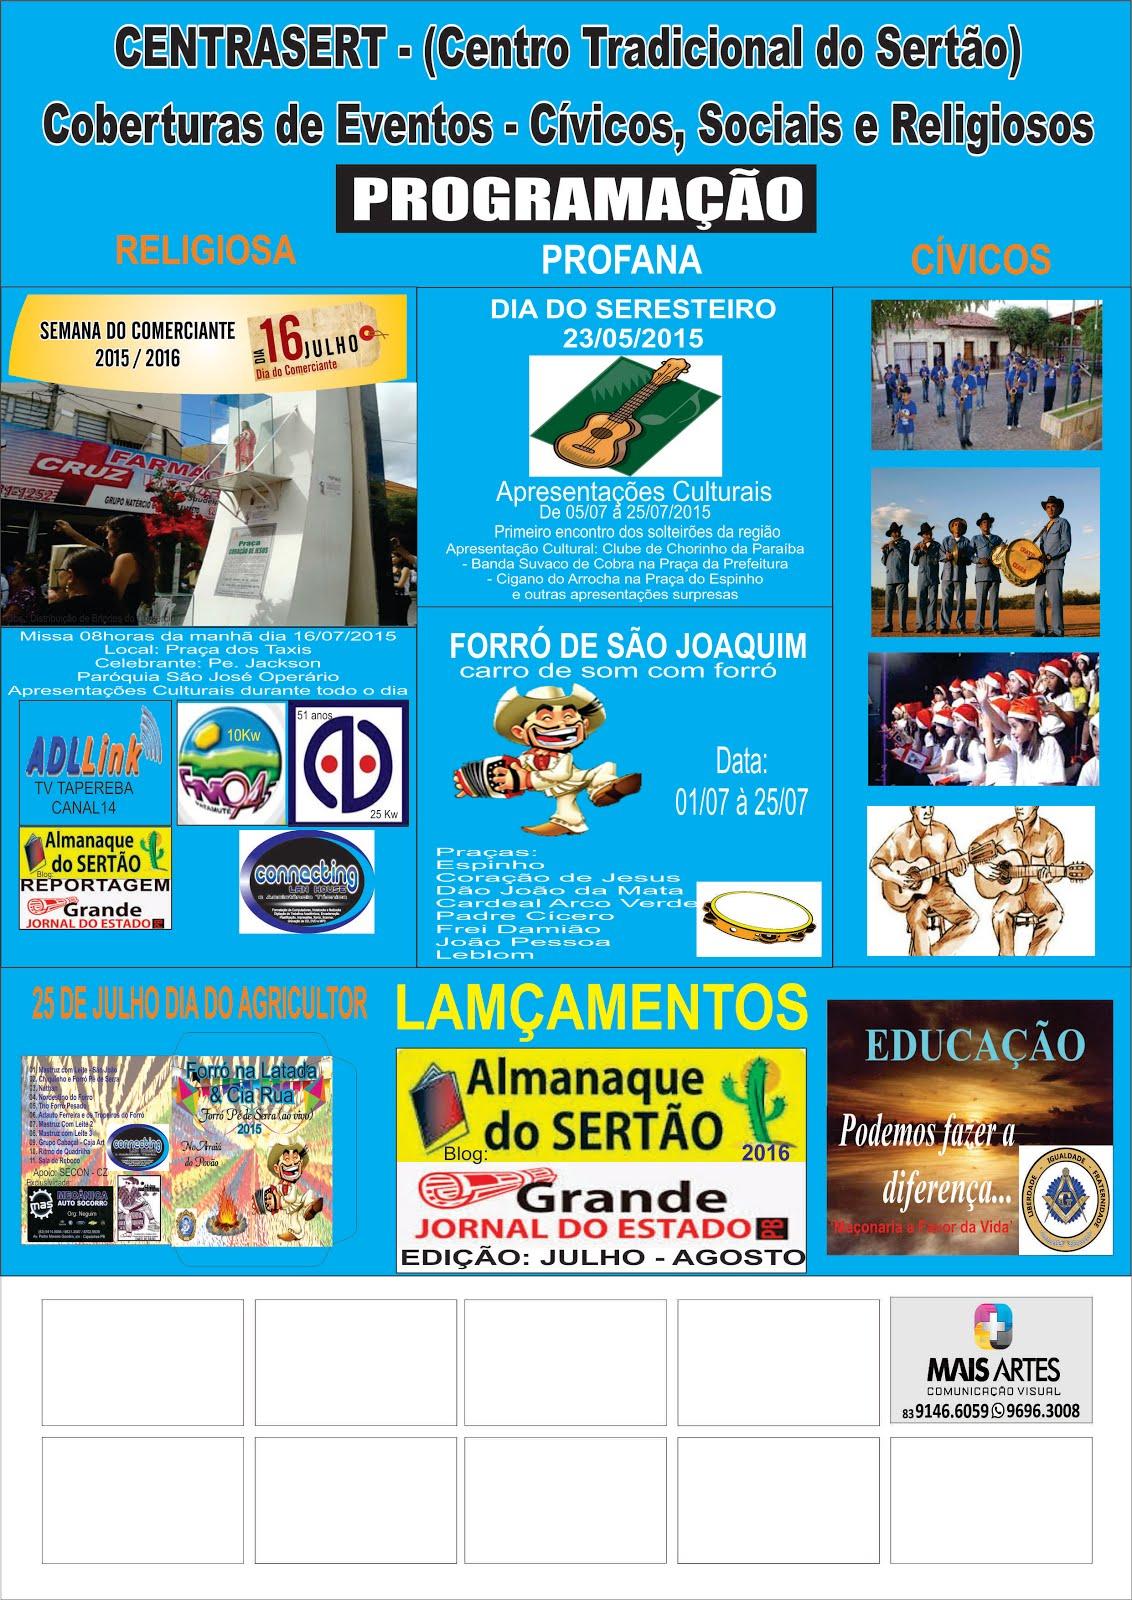 PROGRAMAÇÃO  PROFANA  RELICIOSA  E CÍVICA  PARA A SEMANA DO COMERCIANTE ANO 2015